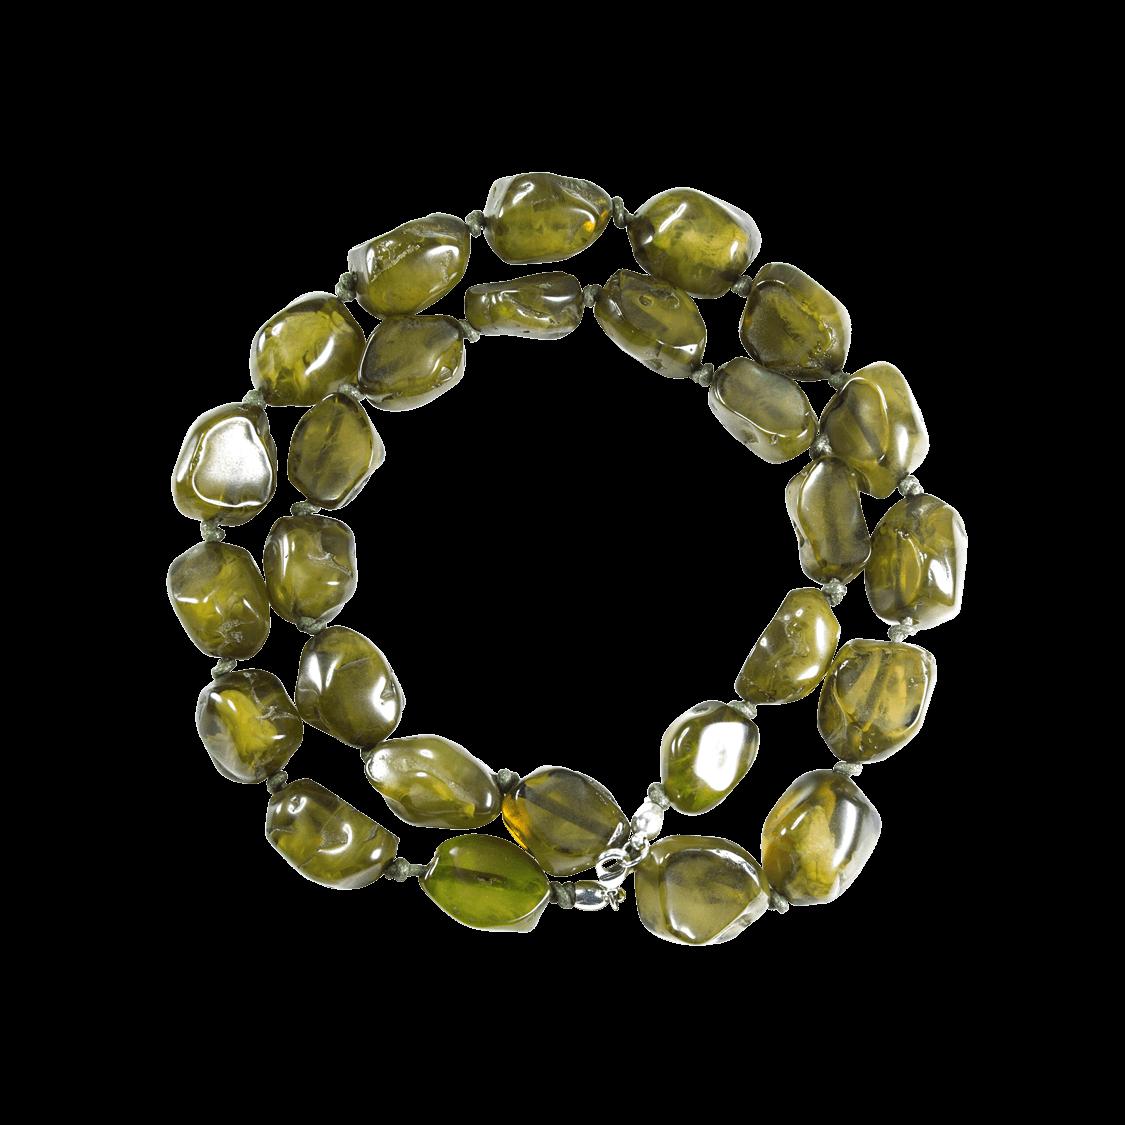 Collar de resina natural color verde oliva